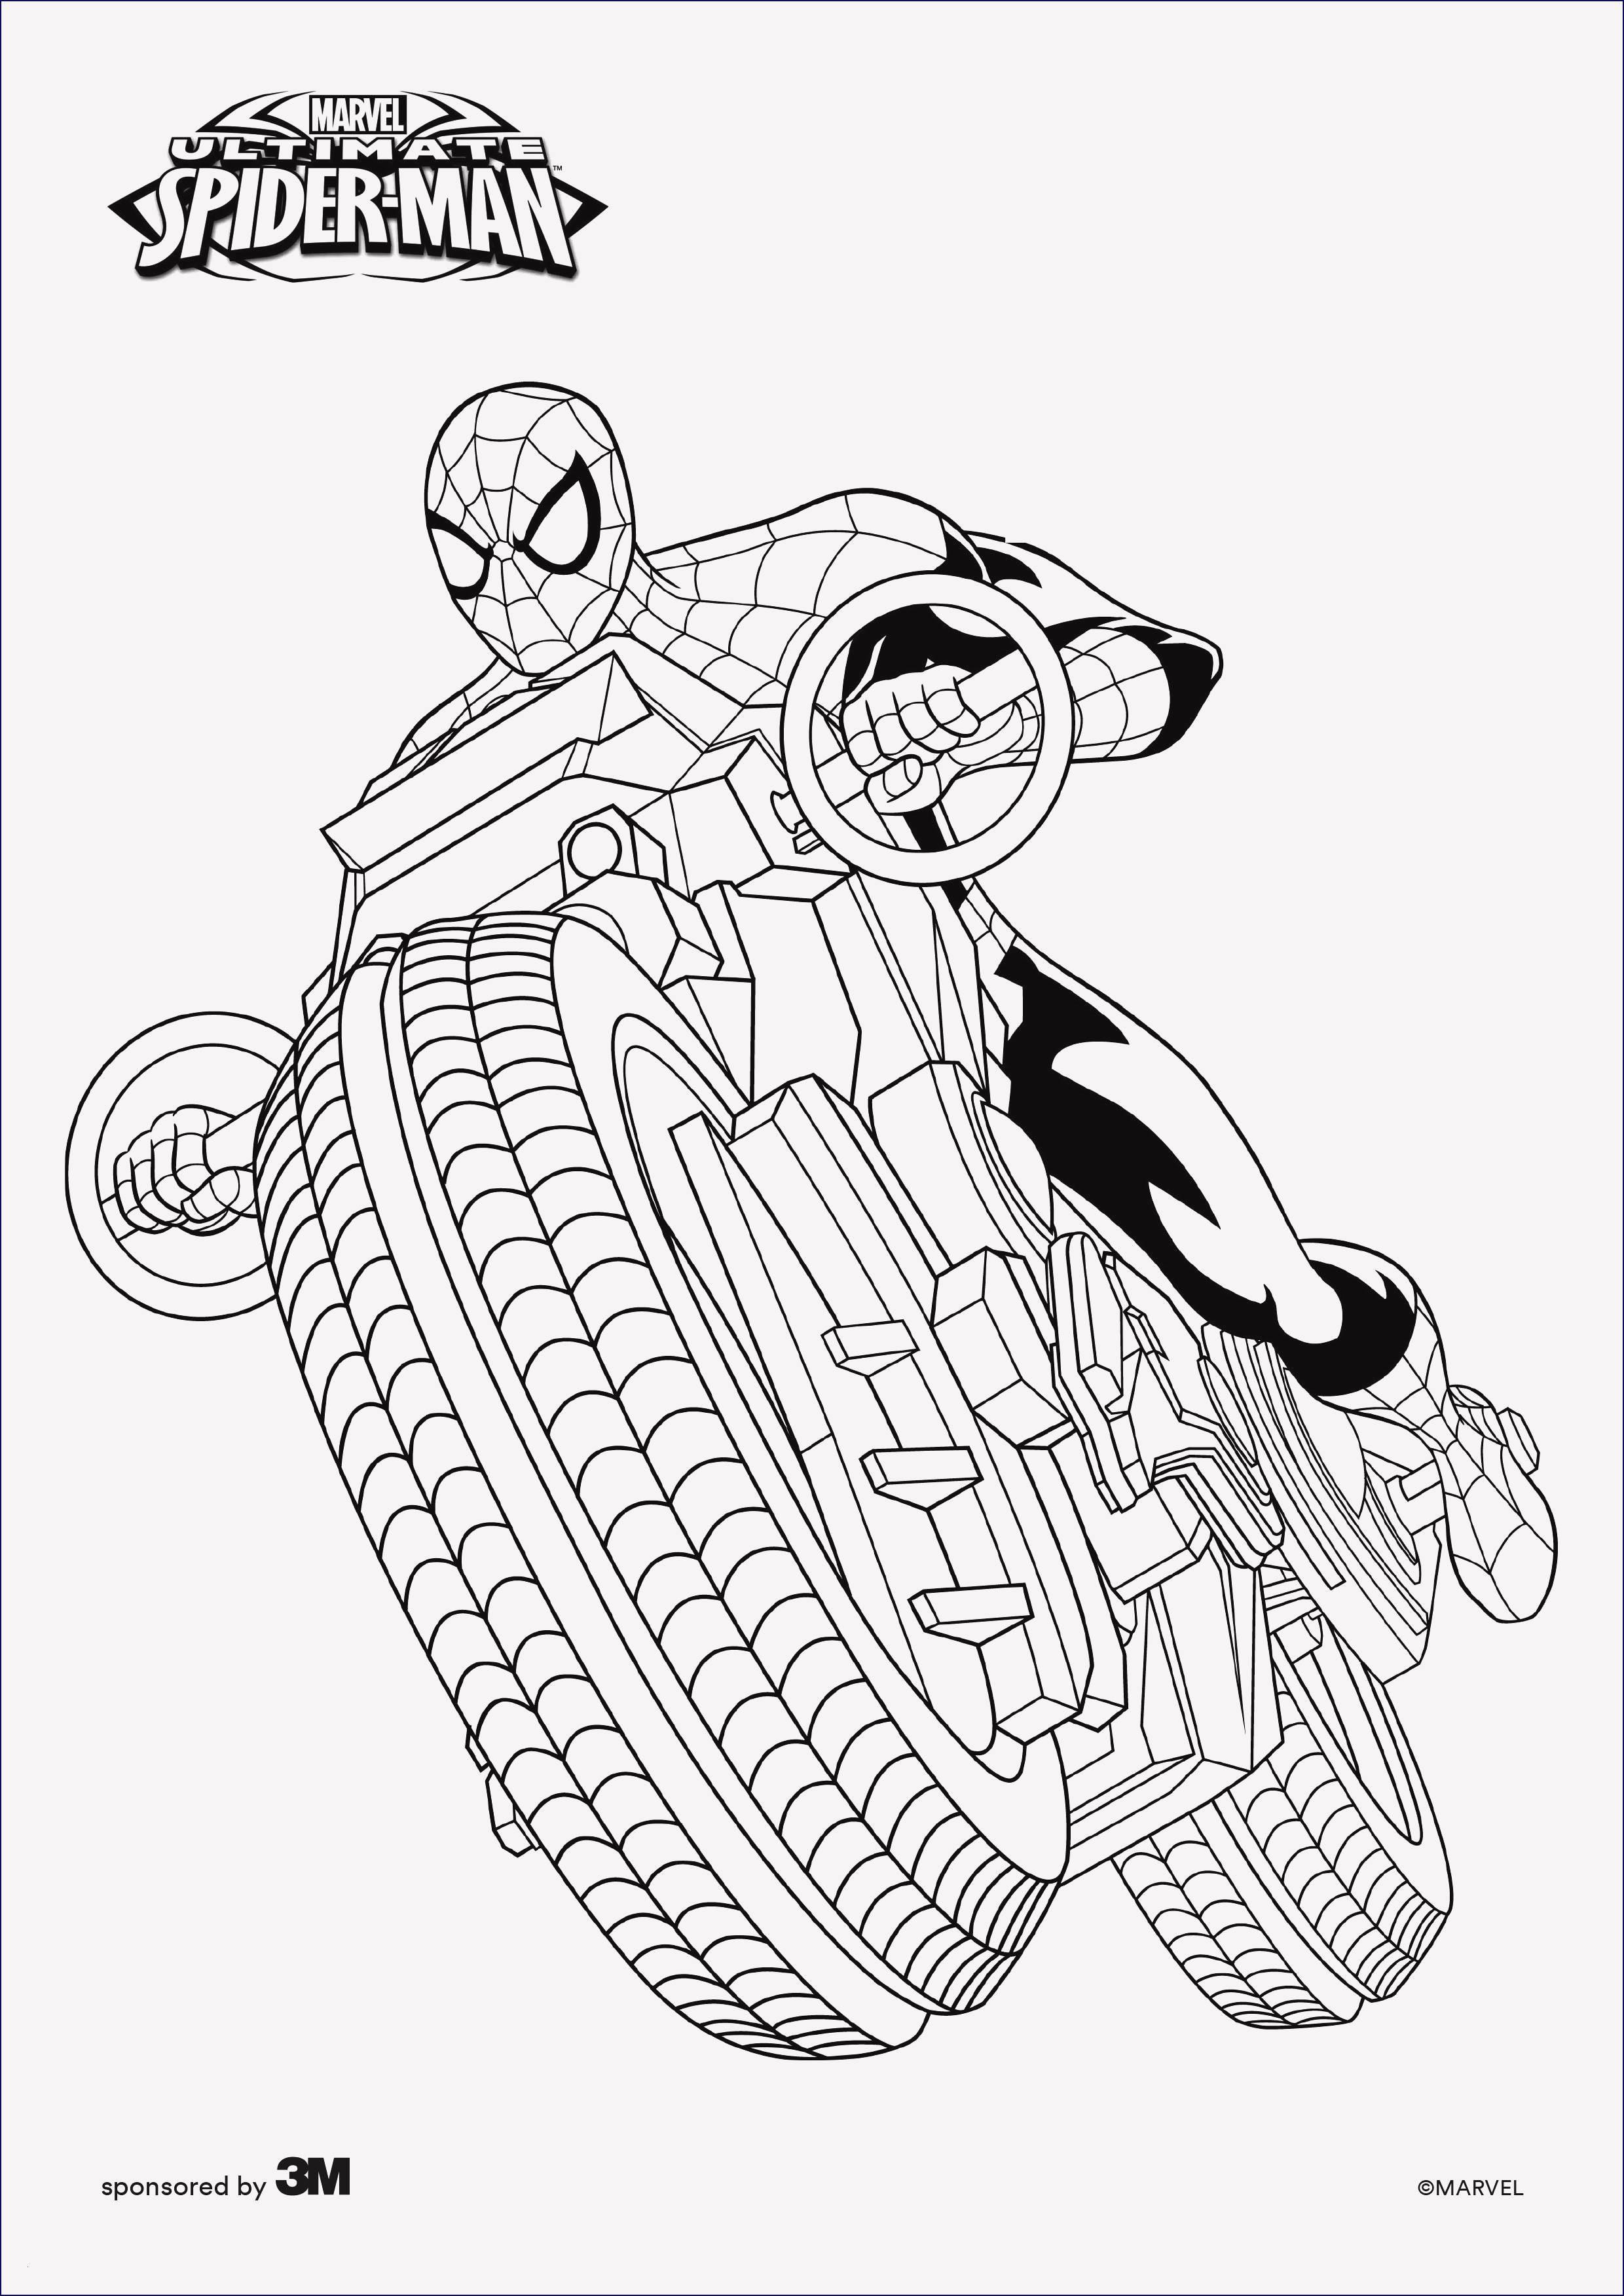 Avengers Ausmalbilder Zum Ausdrucken Inspirierend 25 Gut Aussehend Ausmalbilder Zum Ausdrucken Traktoren Das Bild